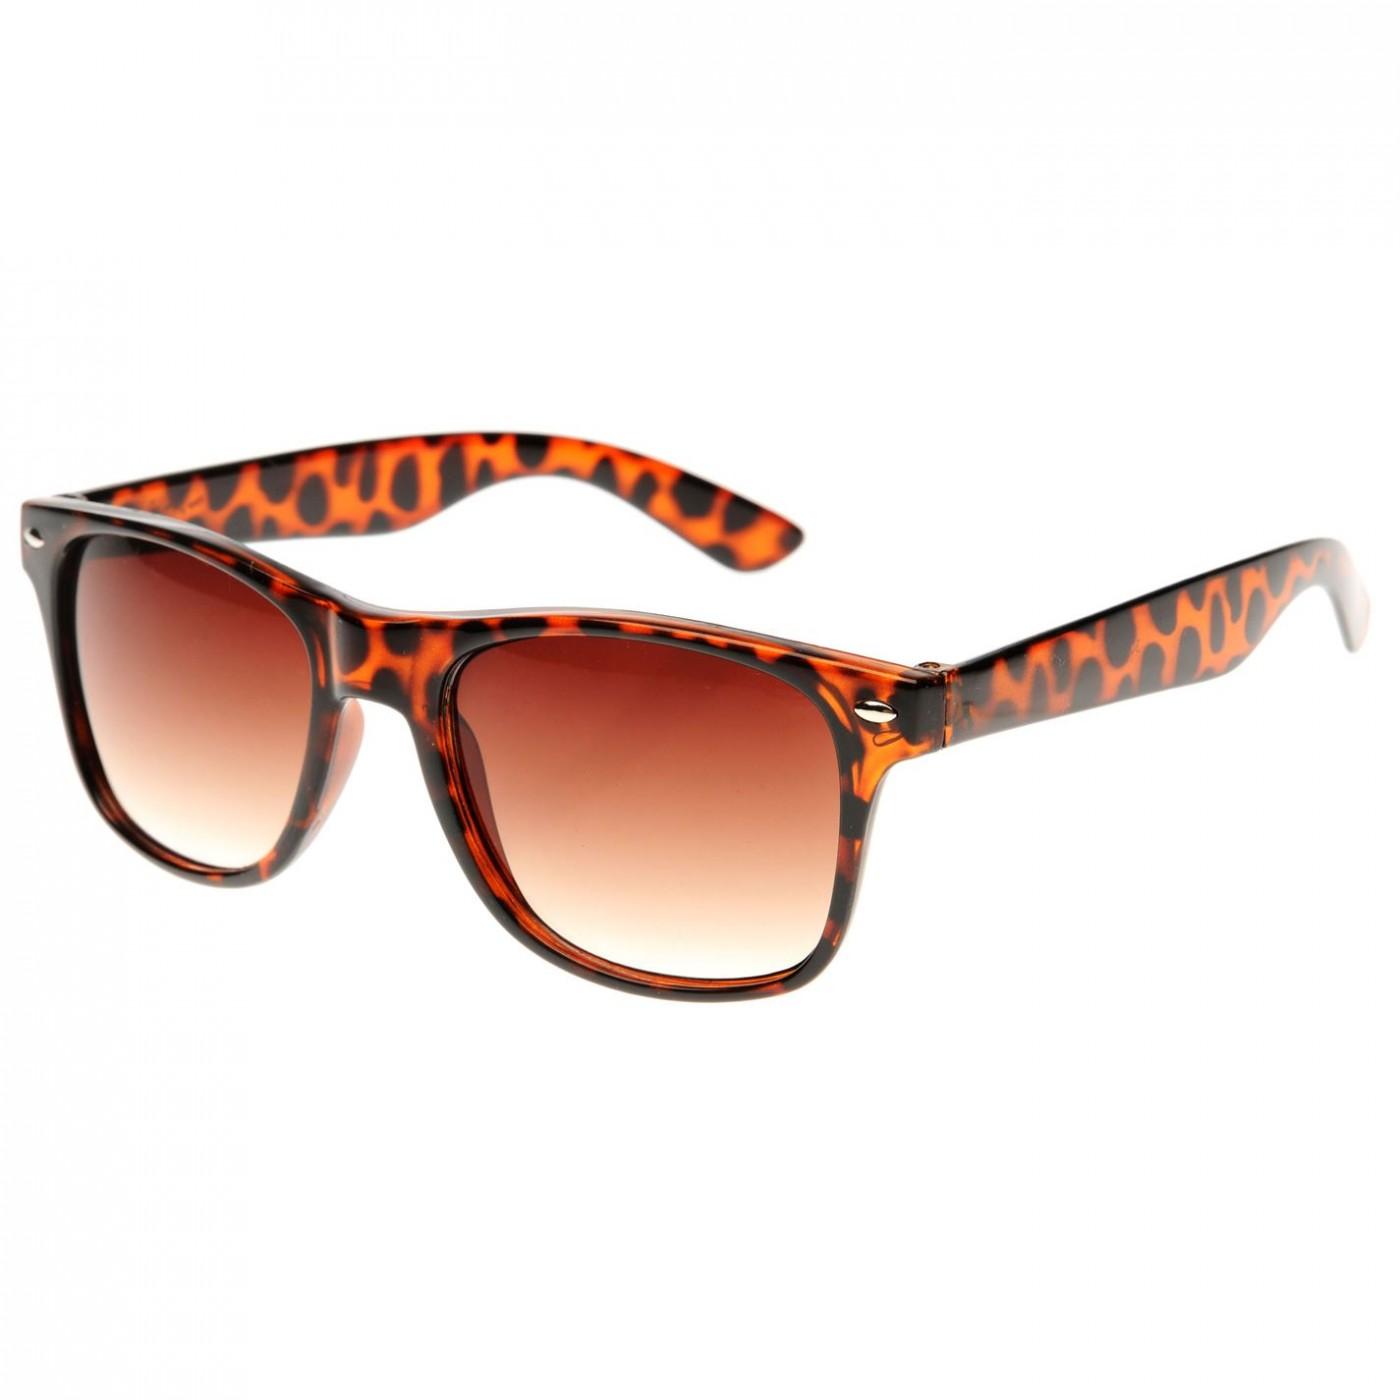 c1bd2cafa97 Pulp - Pulp Wayfarer Sunglasses - Jeftinije.hr